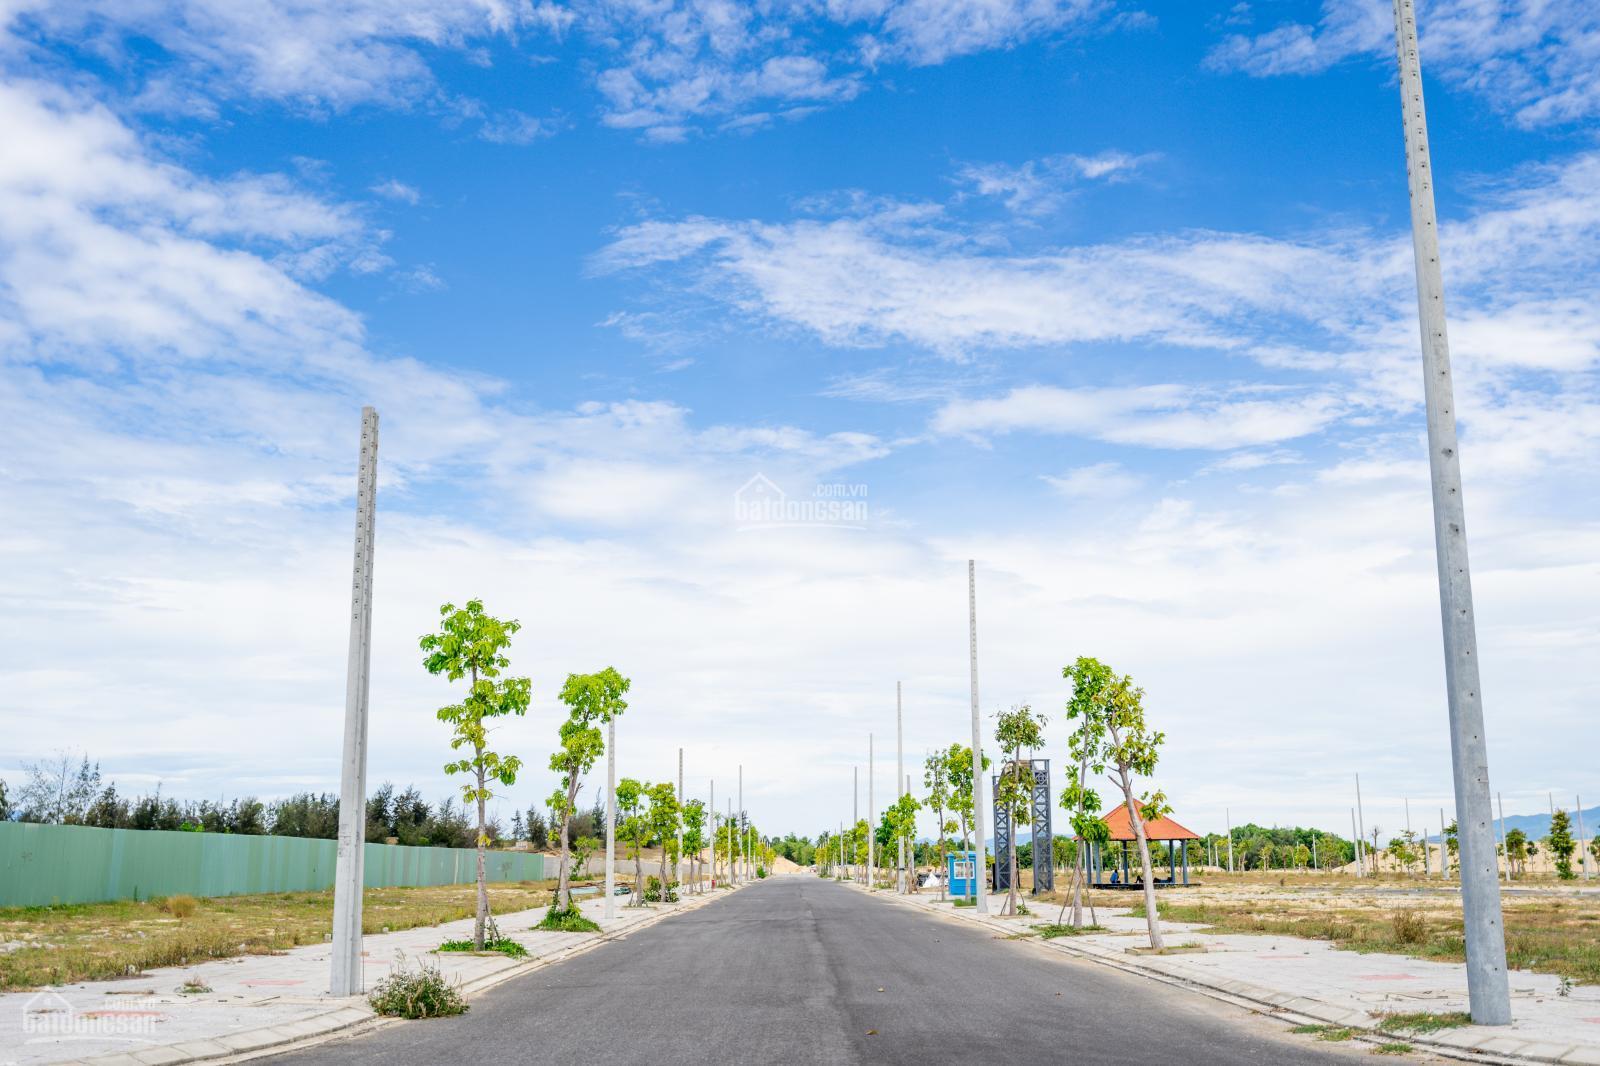 Bán lô đất ven sông Nam Đà Nẵng 1ty x Đầu tư hiệu quả